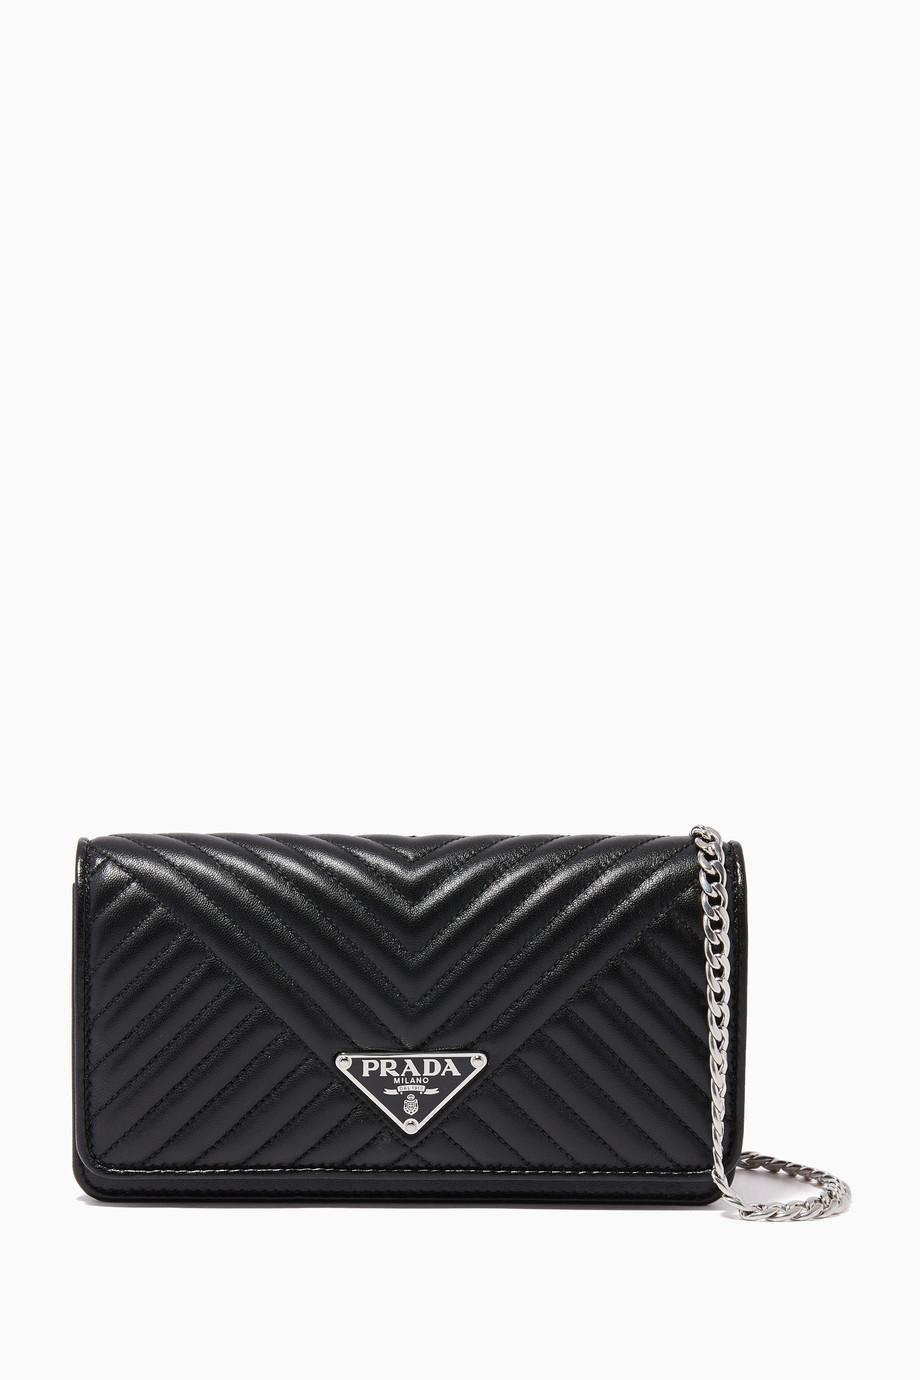 455e7b8a97 Shop Prada Black Black Diagramme Chain Wallet for Women | Ounass UAE